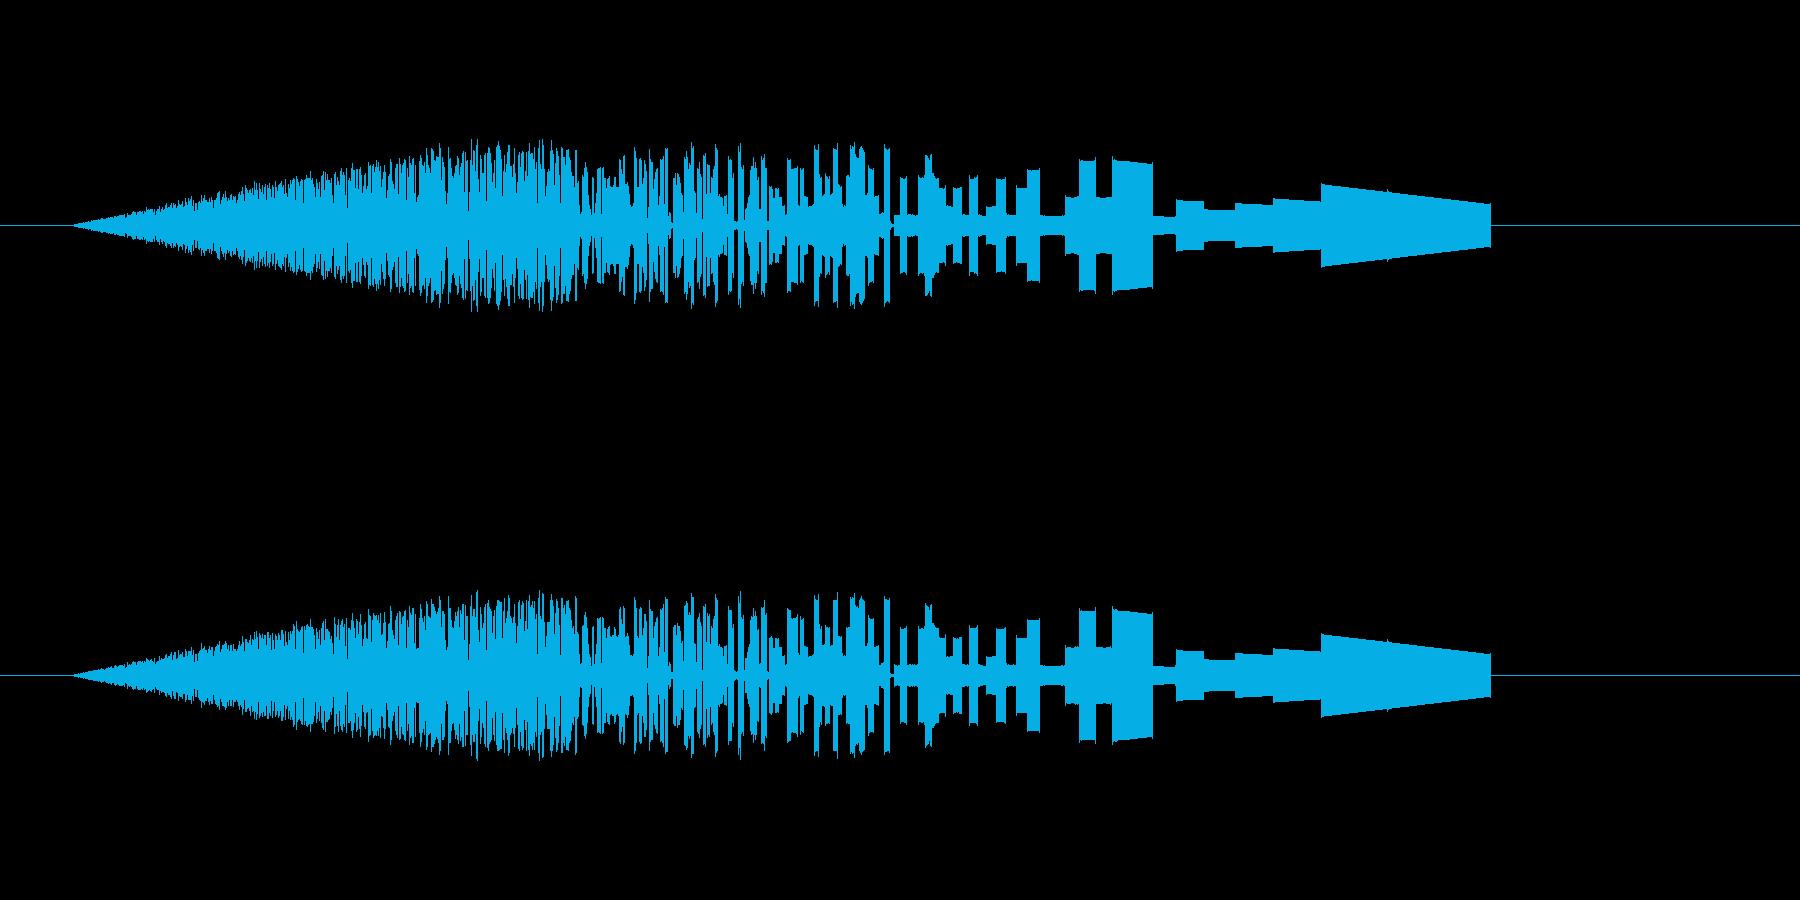 レトロな炎の効果音の再生済みの波形